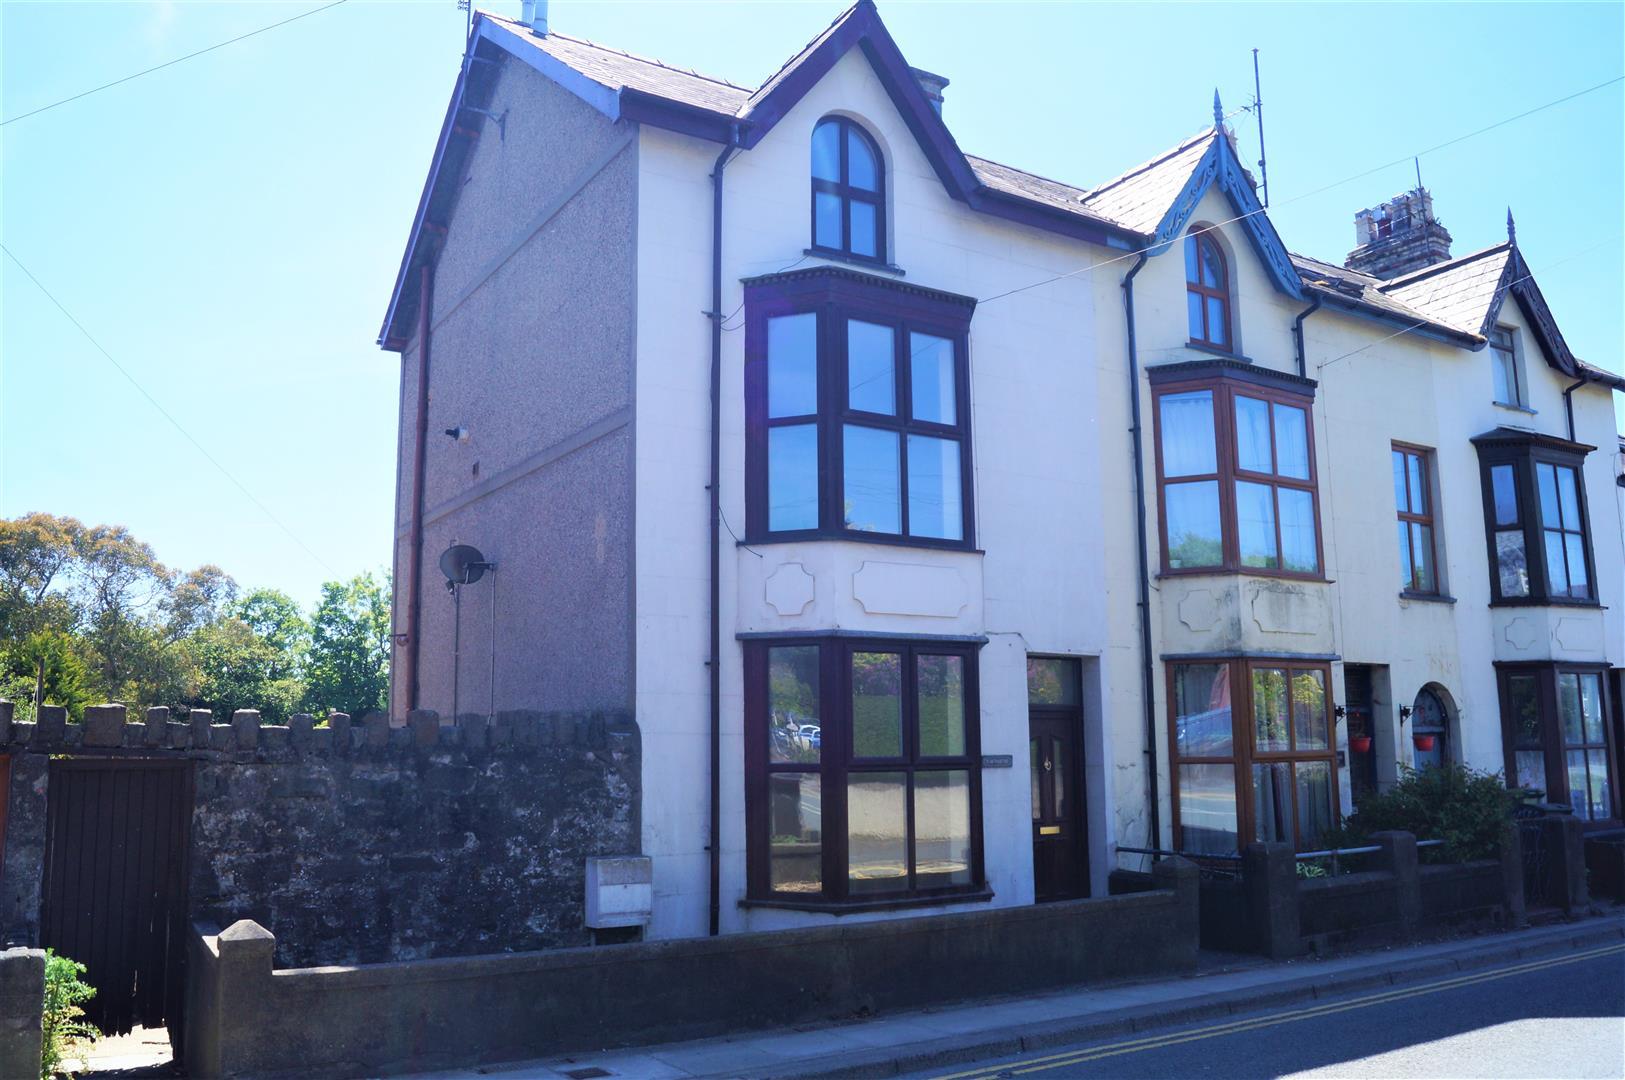 Ala Road, Pwllheli - £160,000